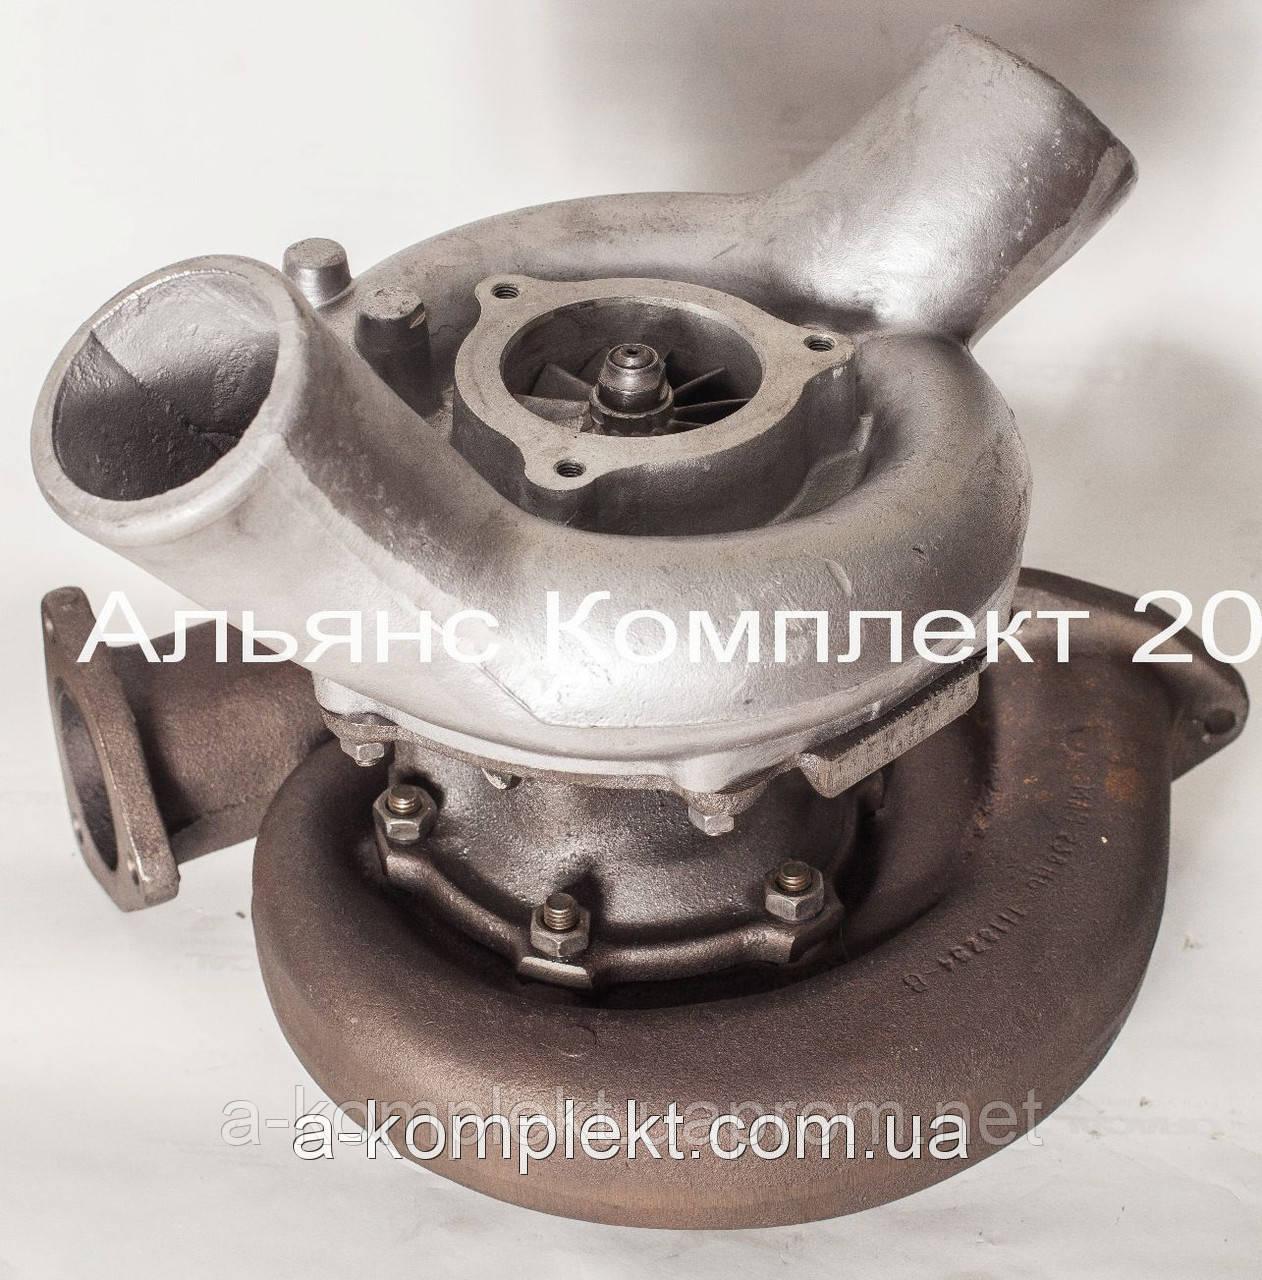 Турбокомпрессор ТКР 9-08 правый (120.000.000-08/ 12.1118010-08)